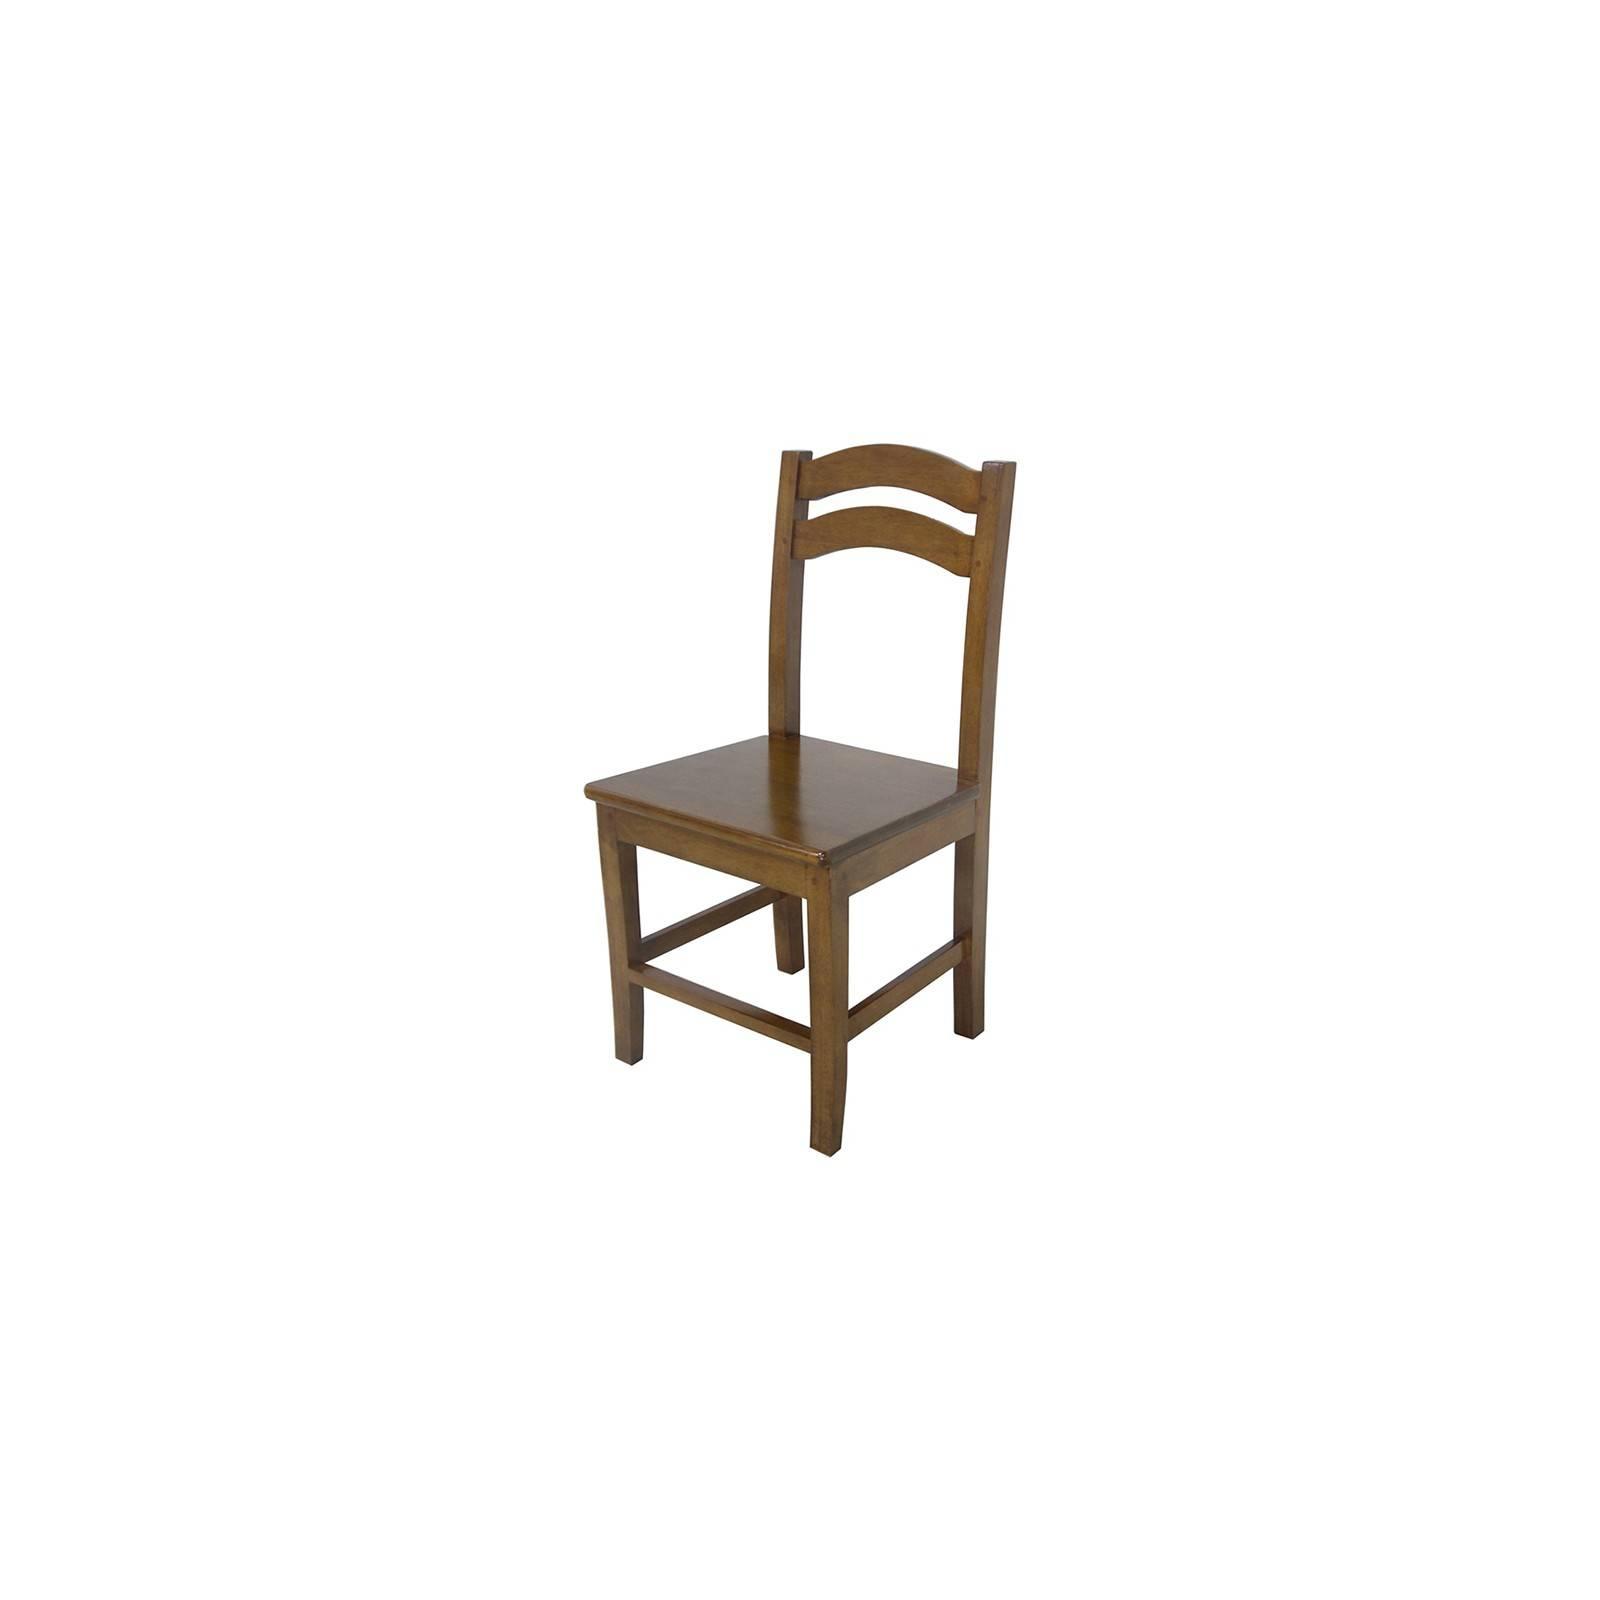 Chaise en bois massif et au style traditionnel